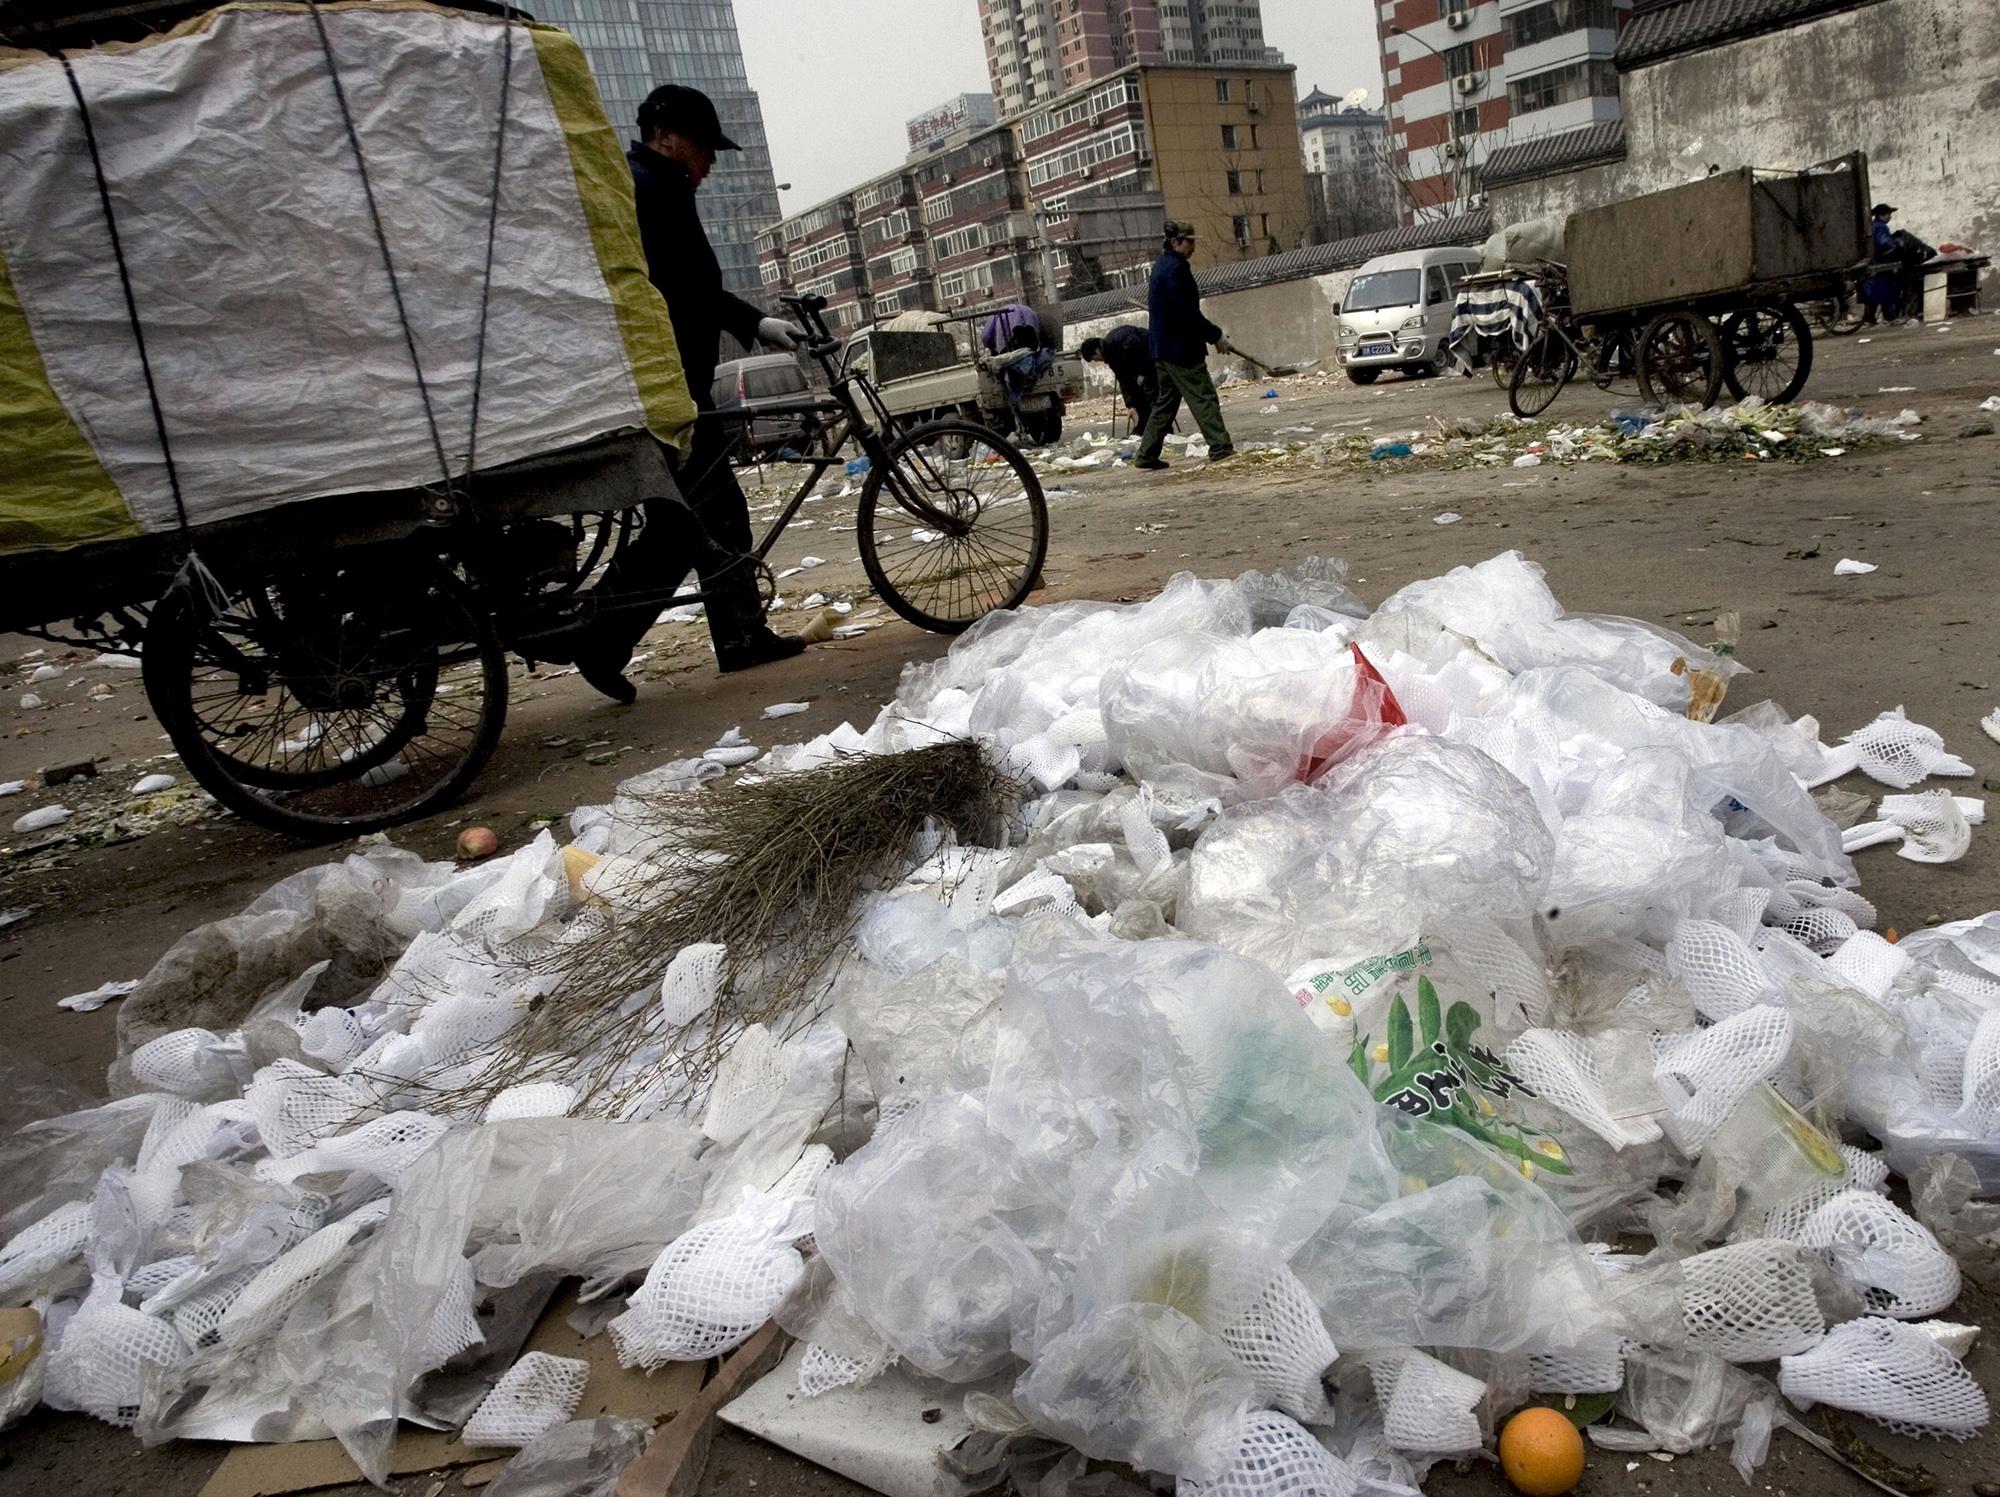 中国的限塑令成效不彰,民众普遍使用塑料袋。(美联社)